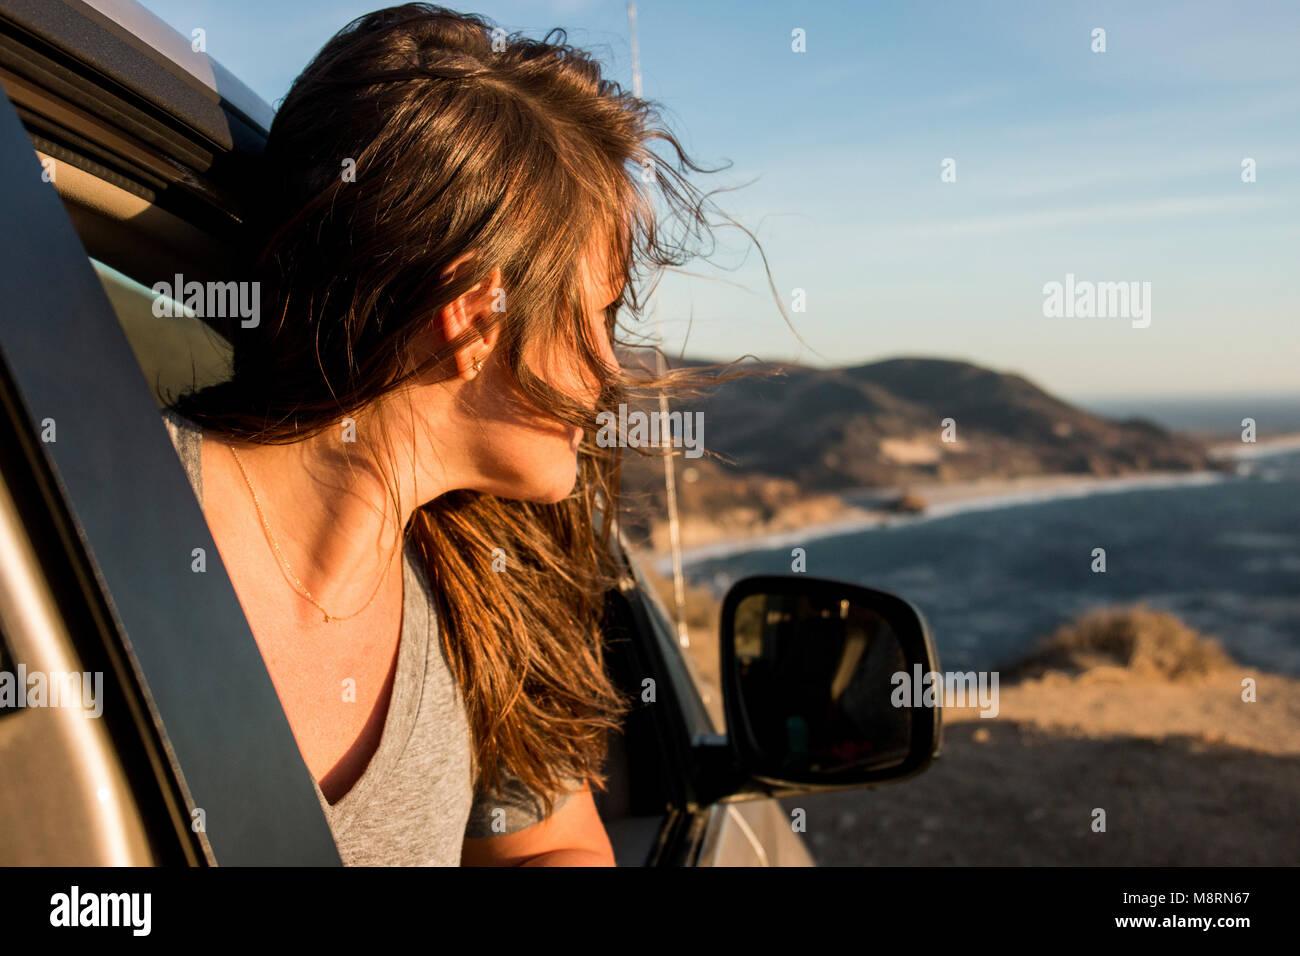 Mujer mirando a través de ventanilla en la playa contra el cielo durante la puesta de sol Imagen De Stock